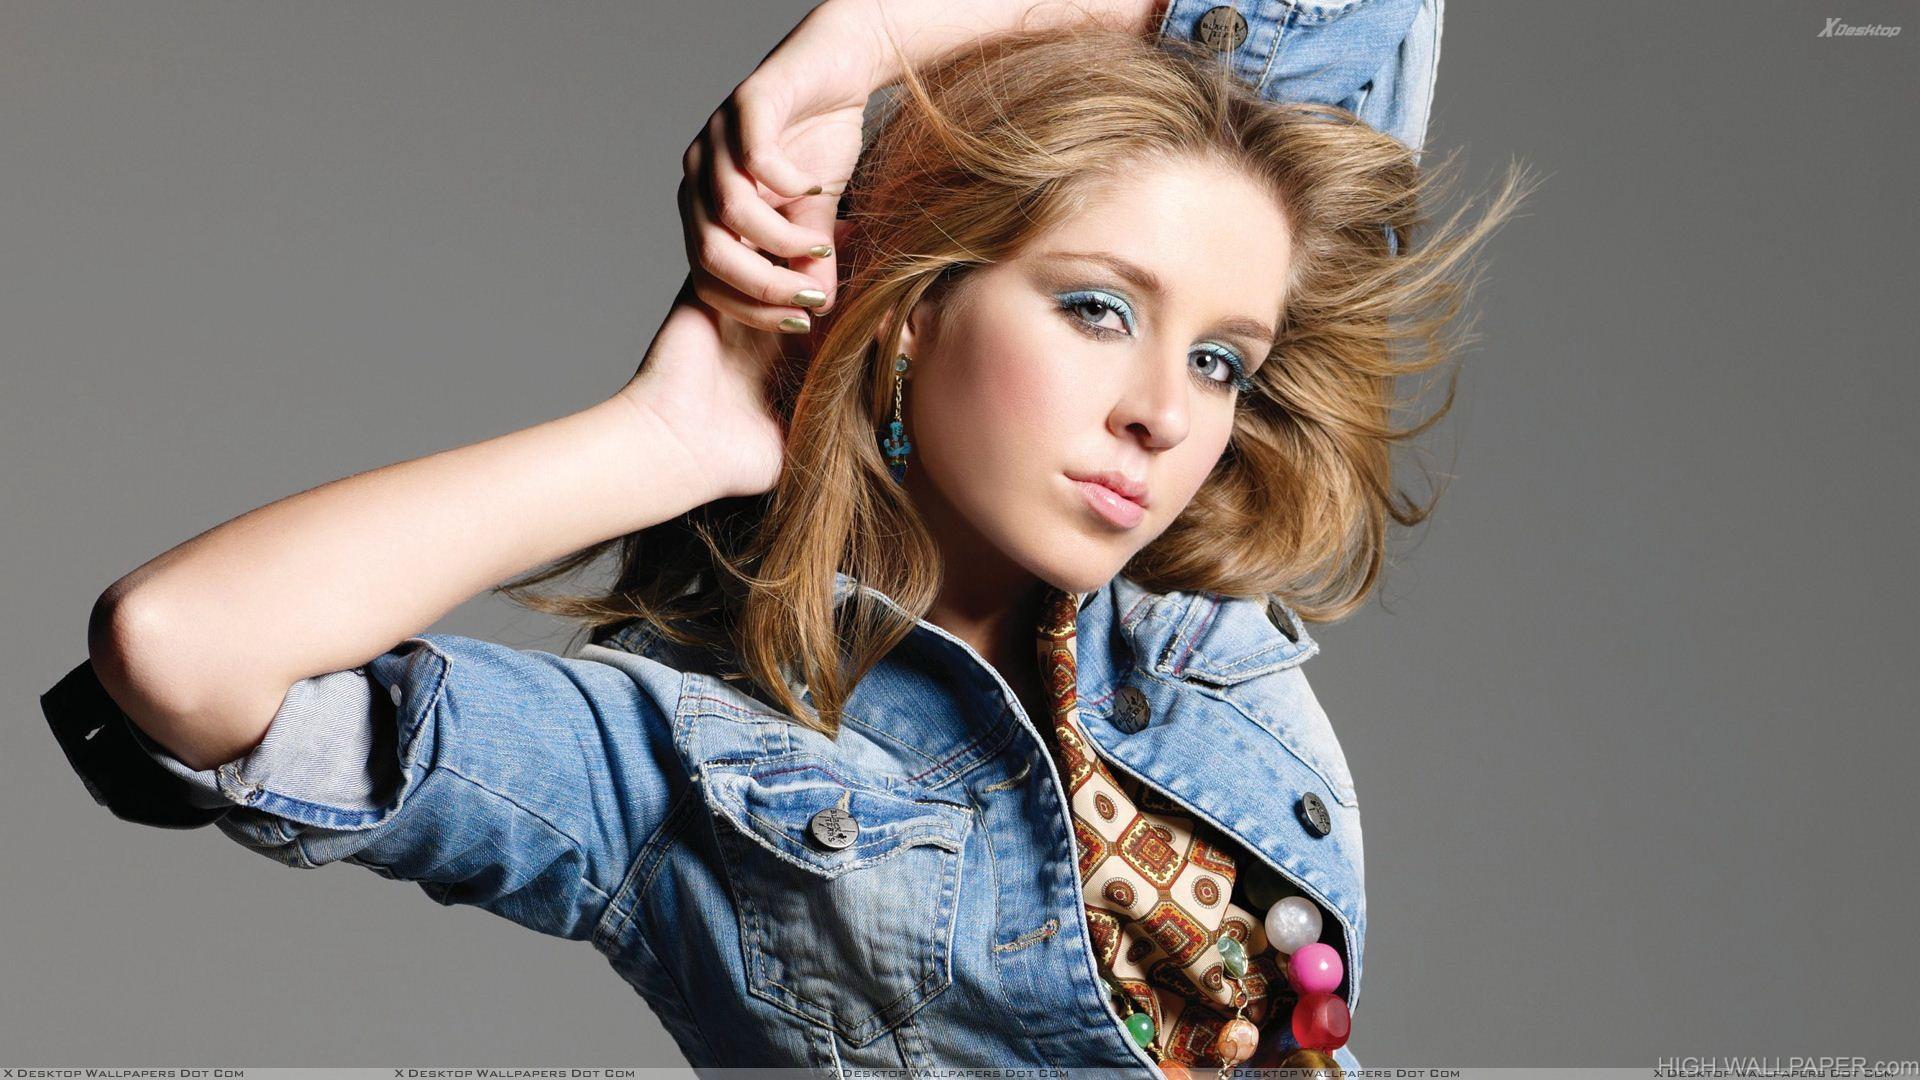 Esmee Denters Cute Eyes In Blue Jacket Photoshoot